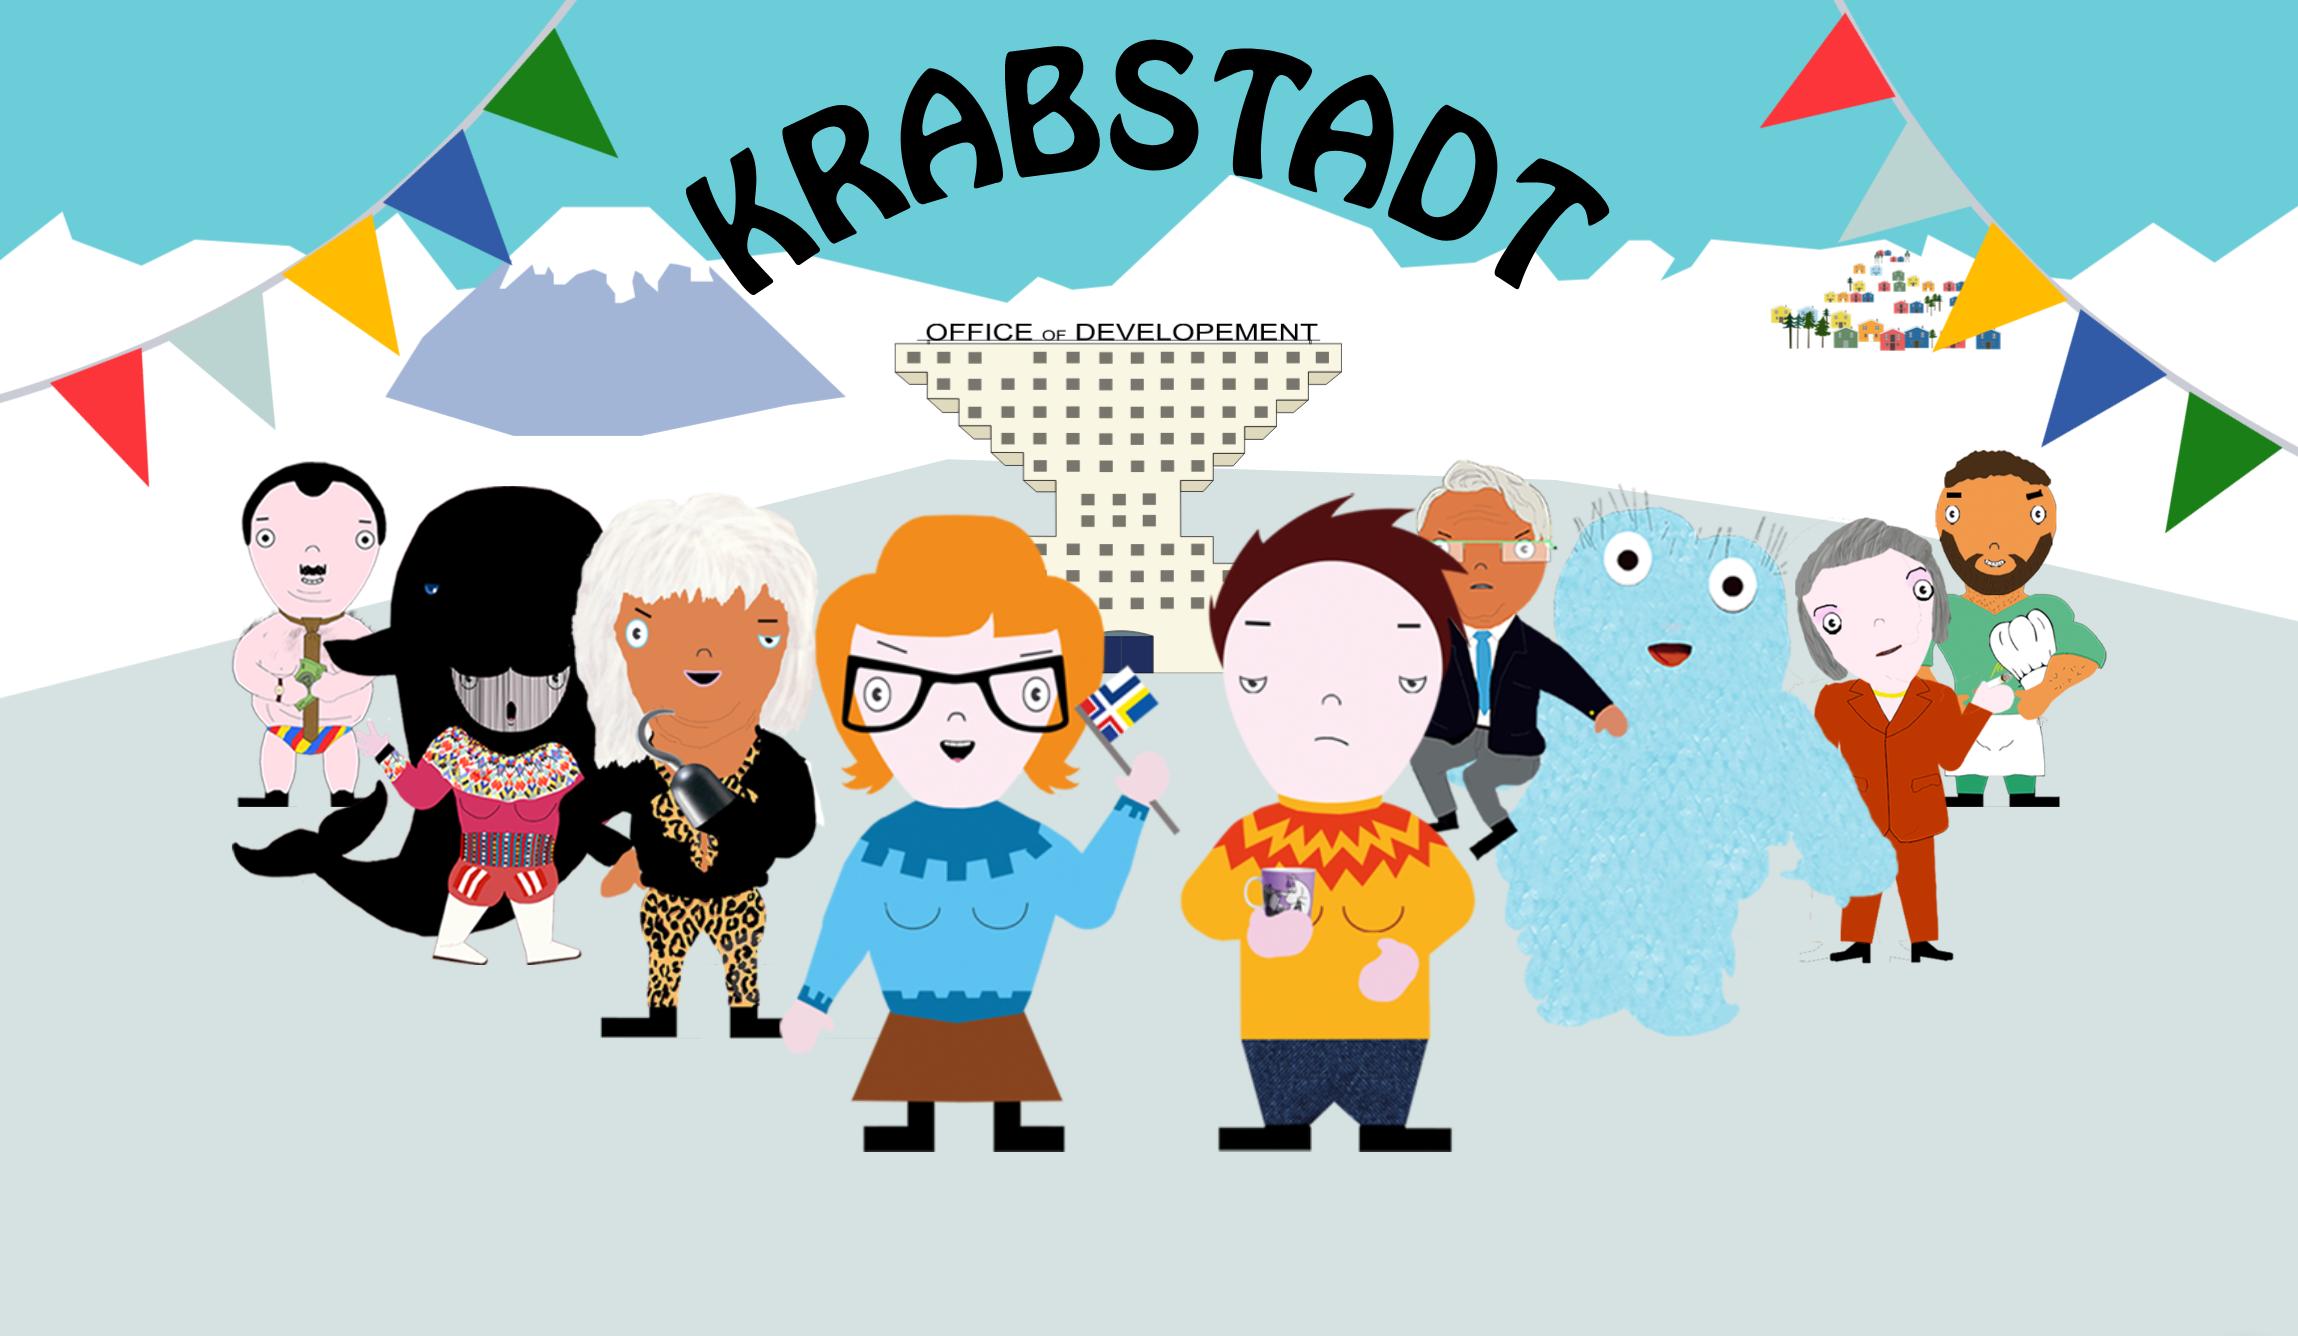 Krabstadt - Arrabbiata wants a raise!